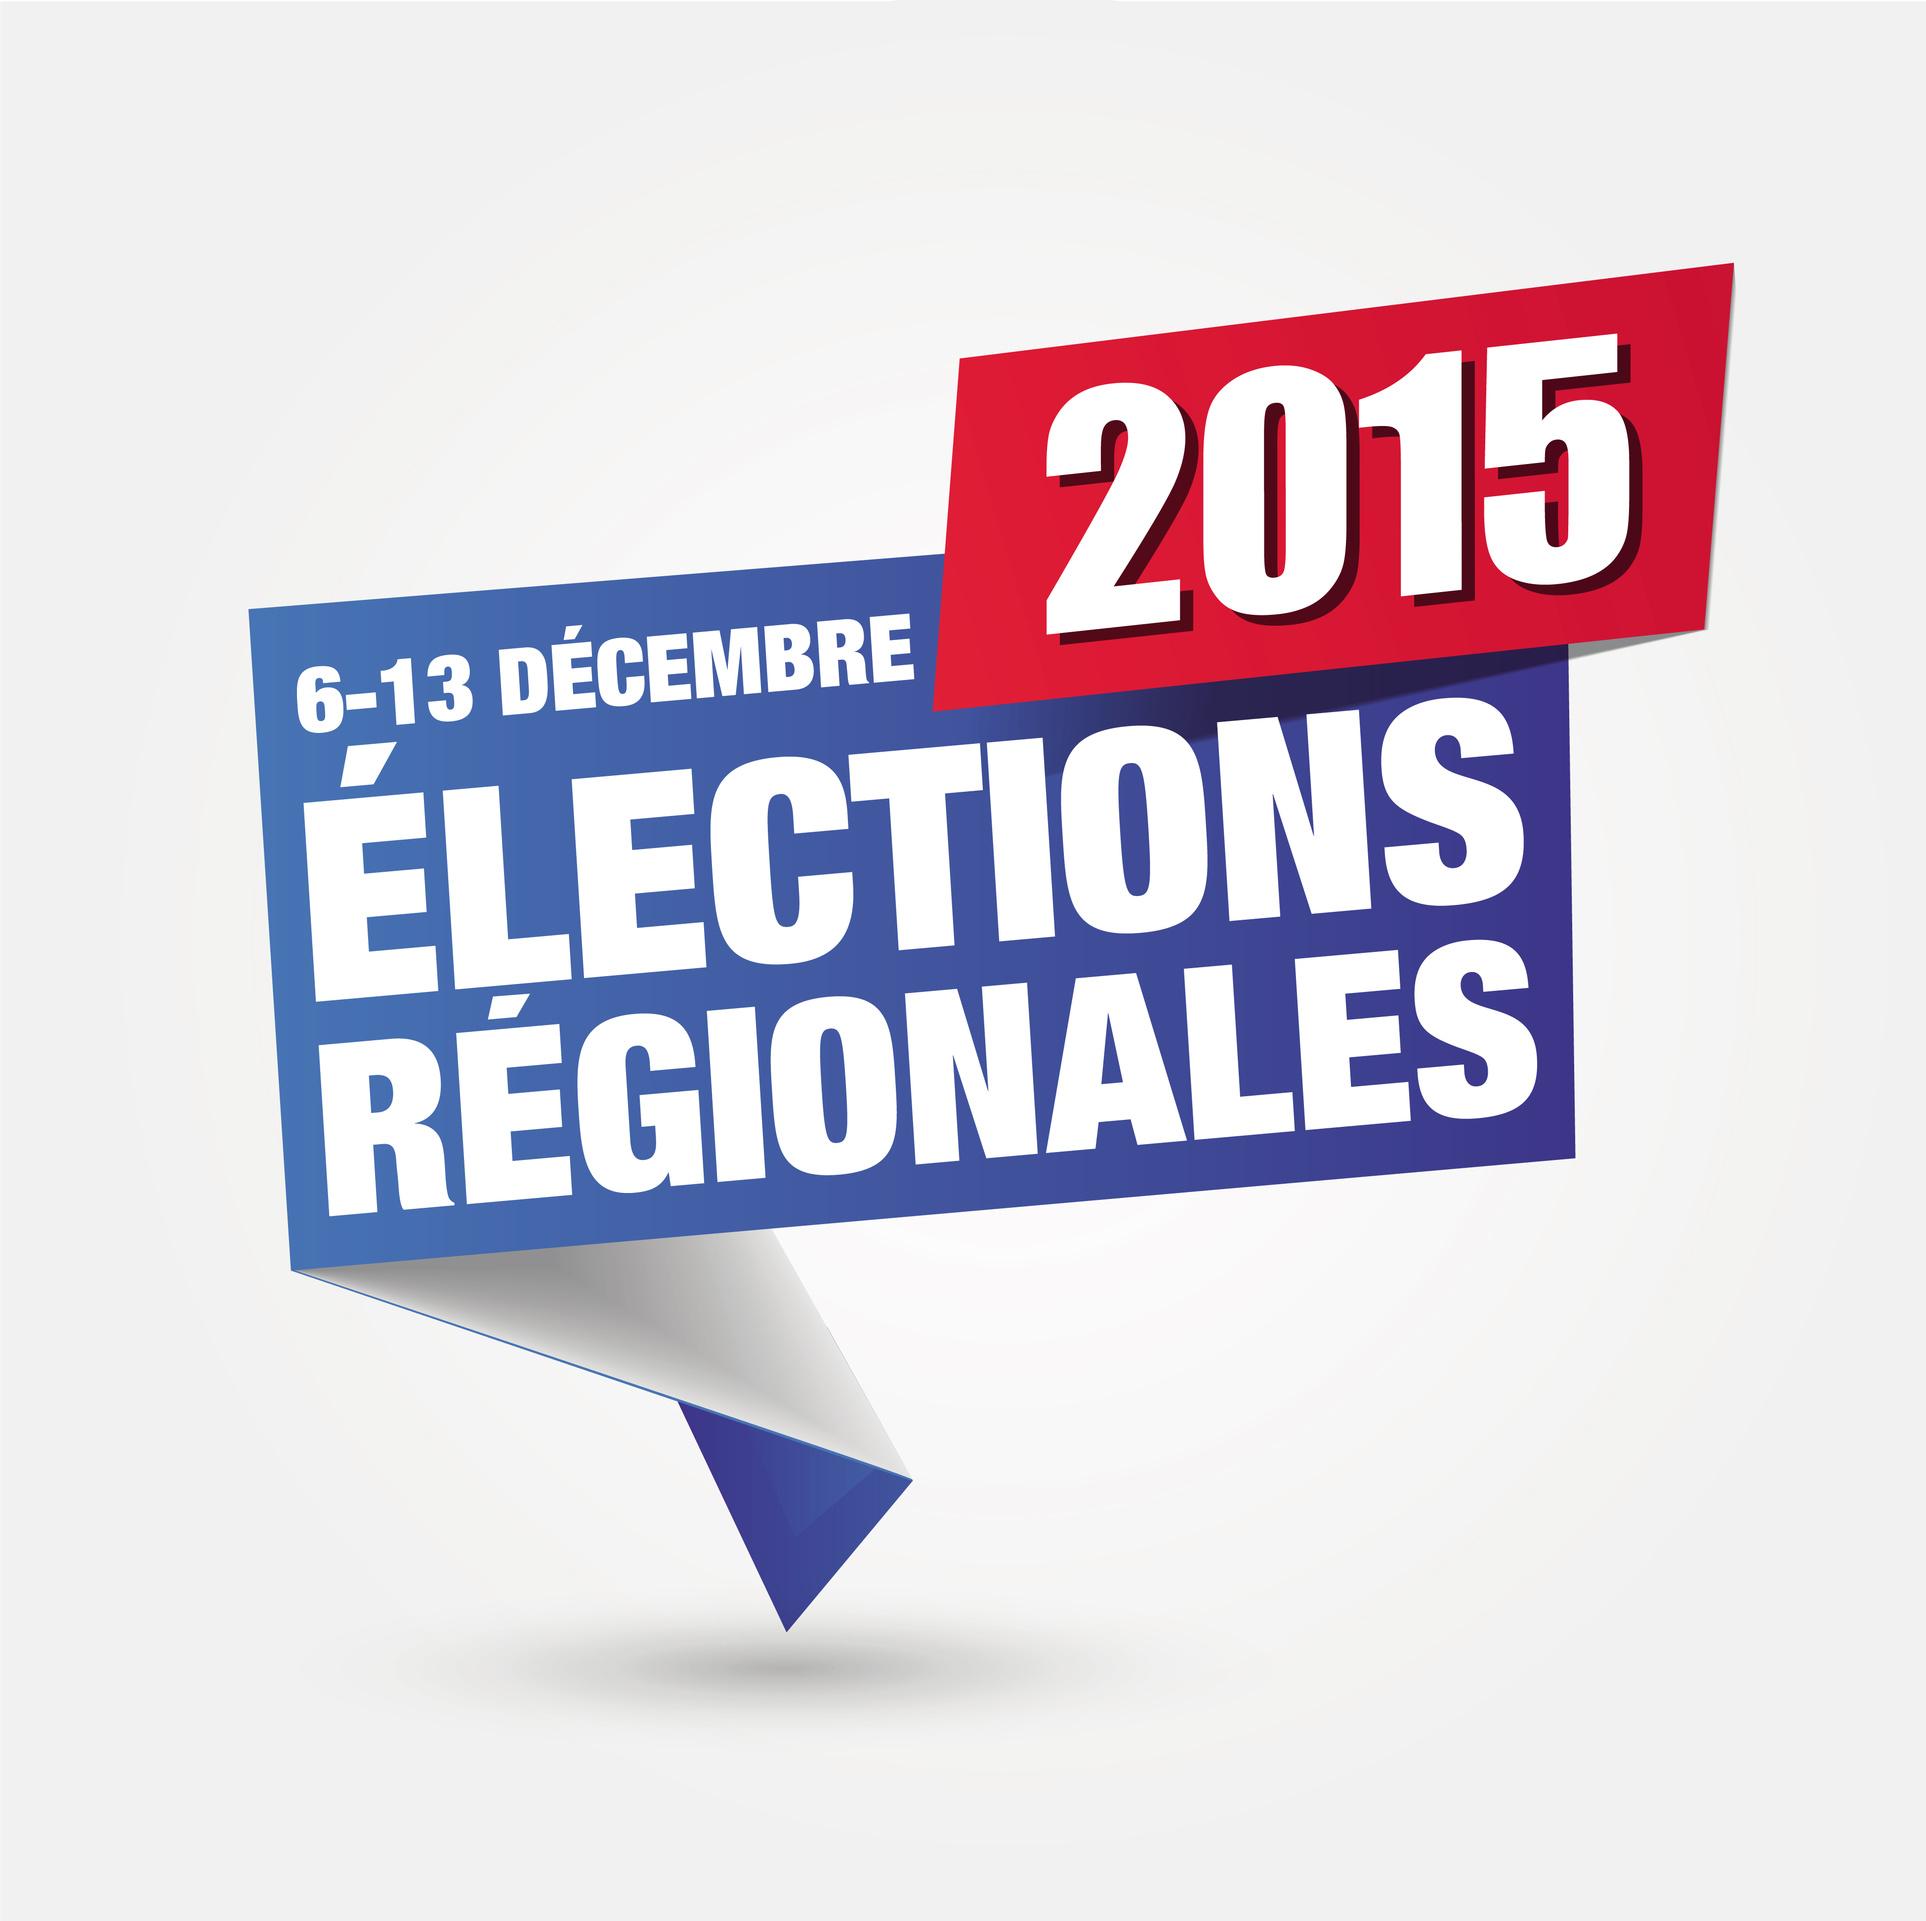 Elections r gionales 2015 for Ouverture bureau vote 13 decembre